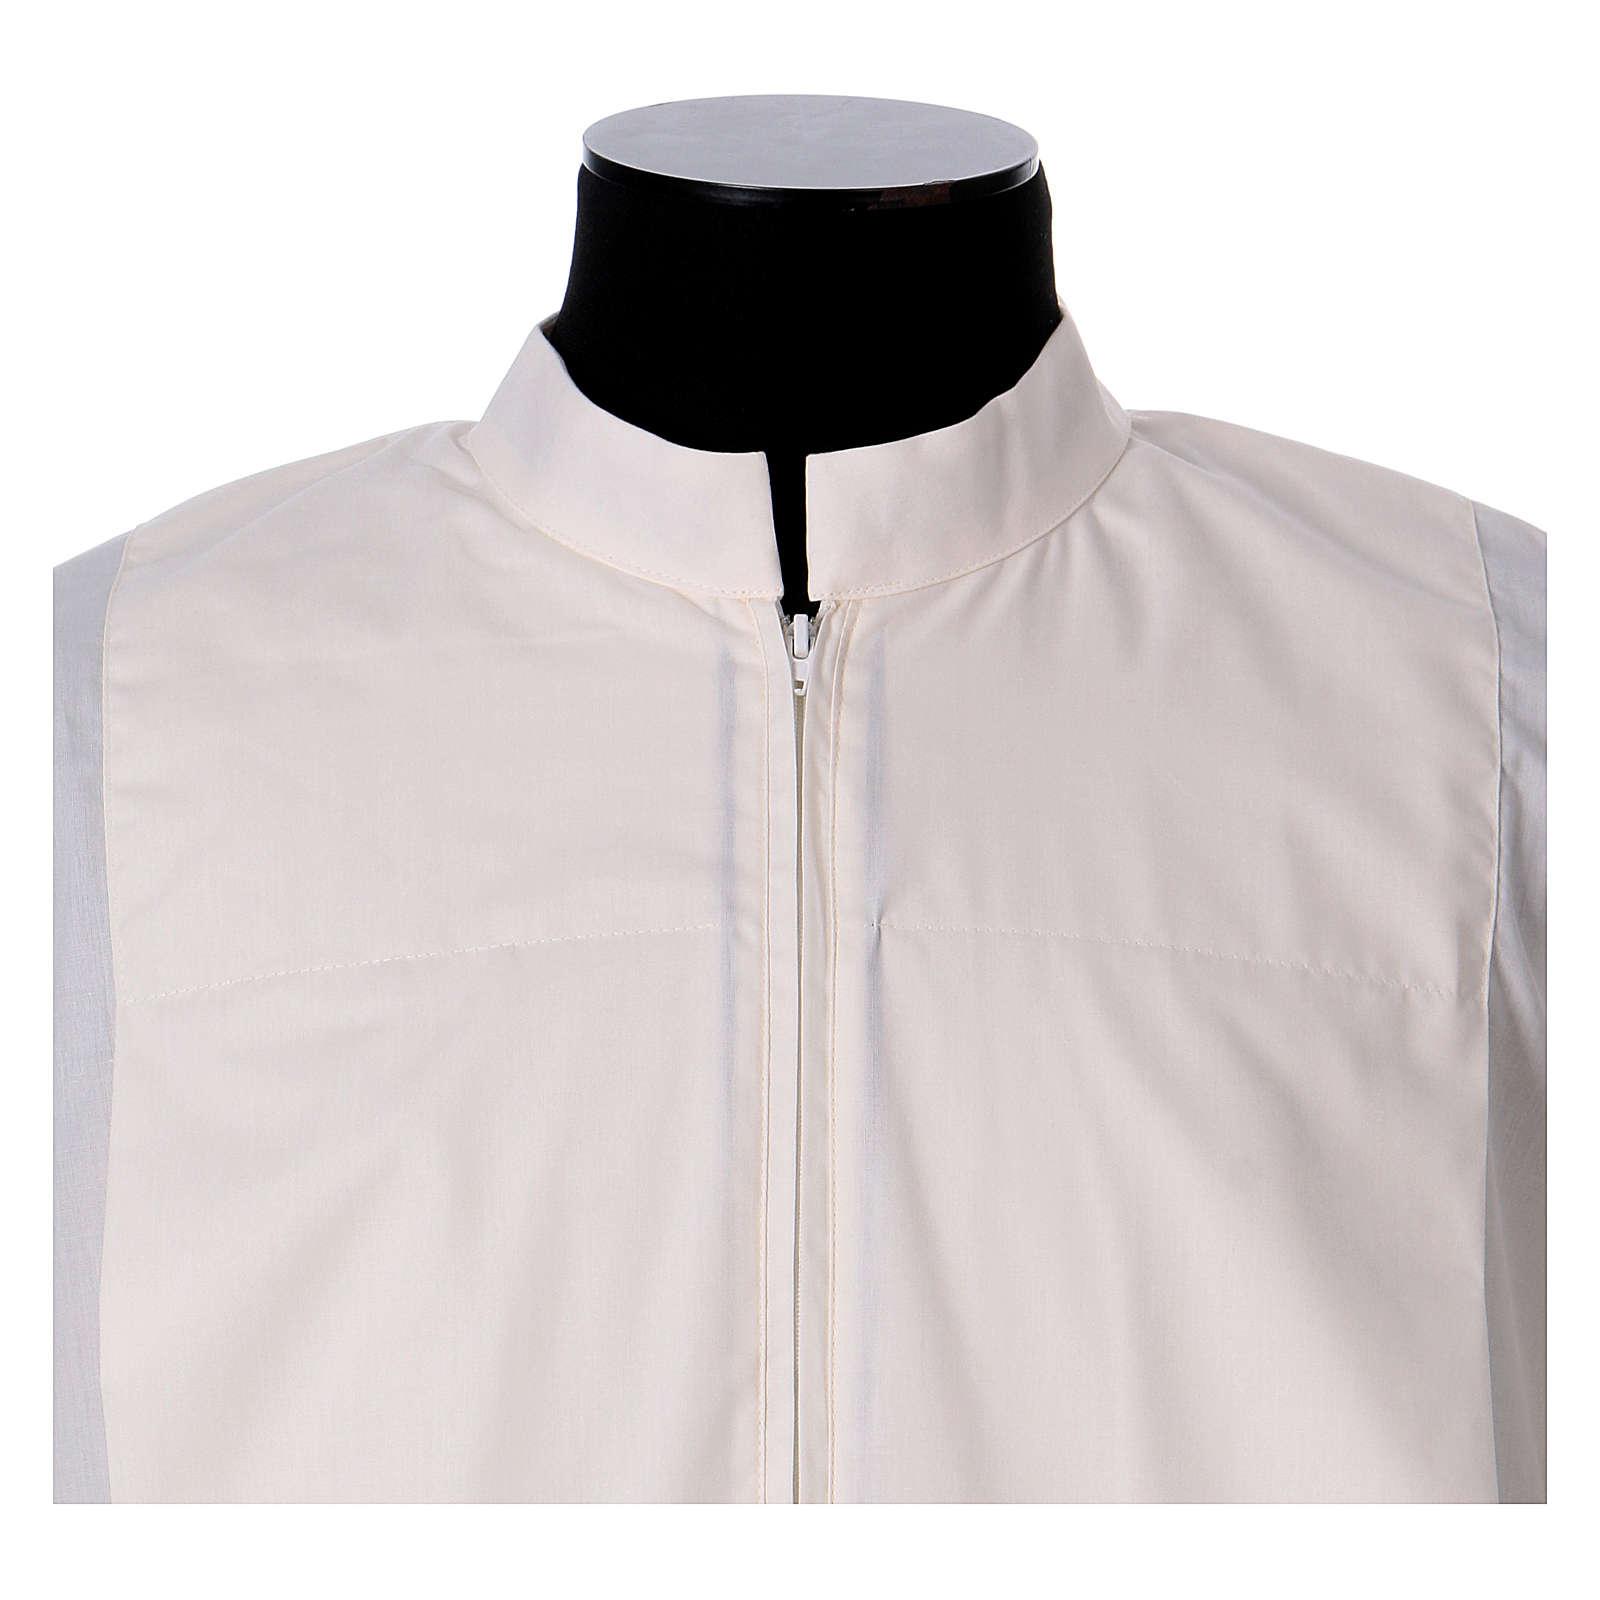 Alba marfil 65% poliéster 35% algodón dos pliegues cremallera parte anterior 4